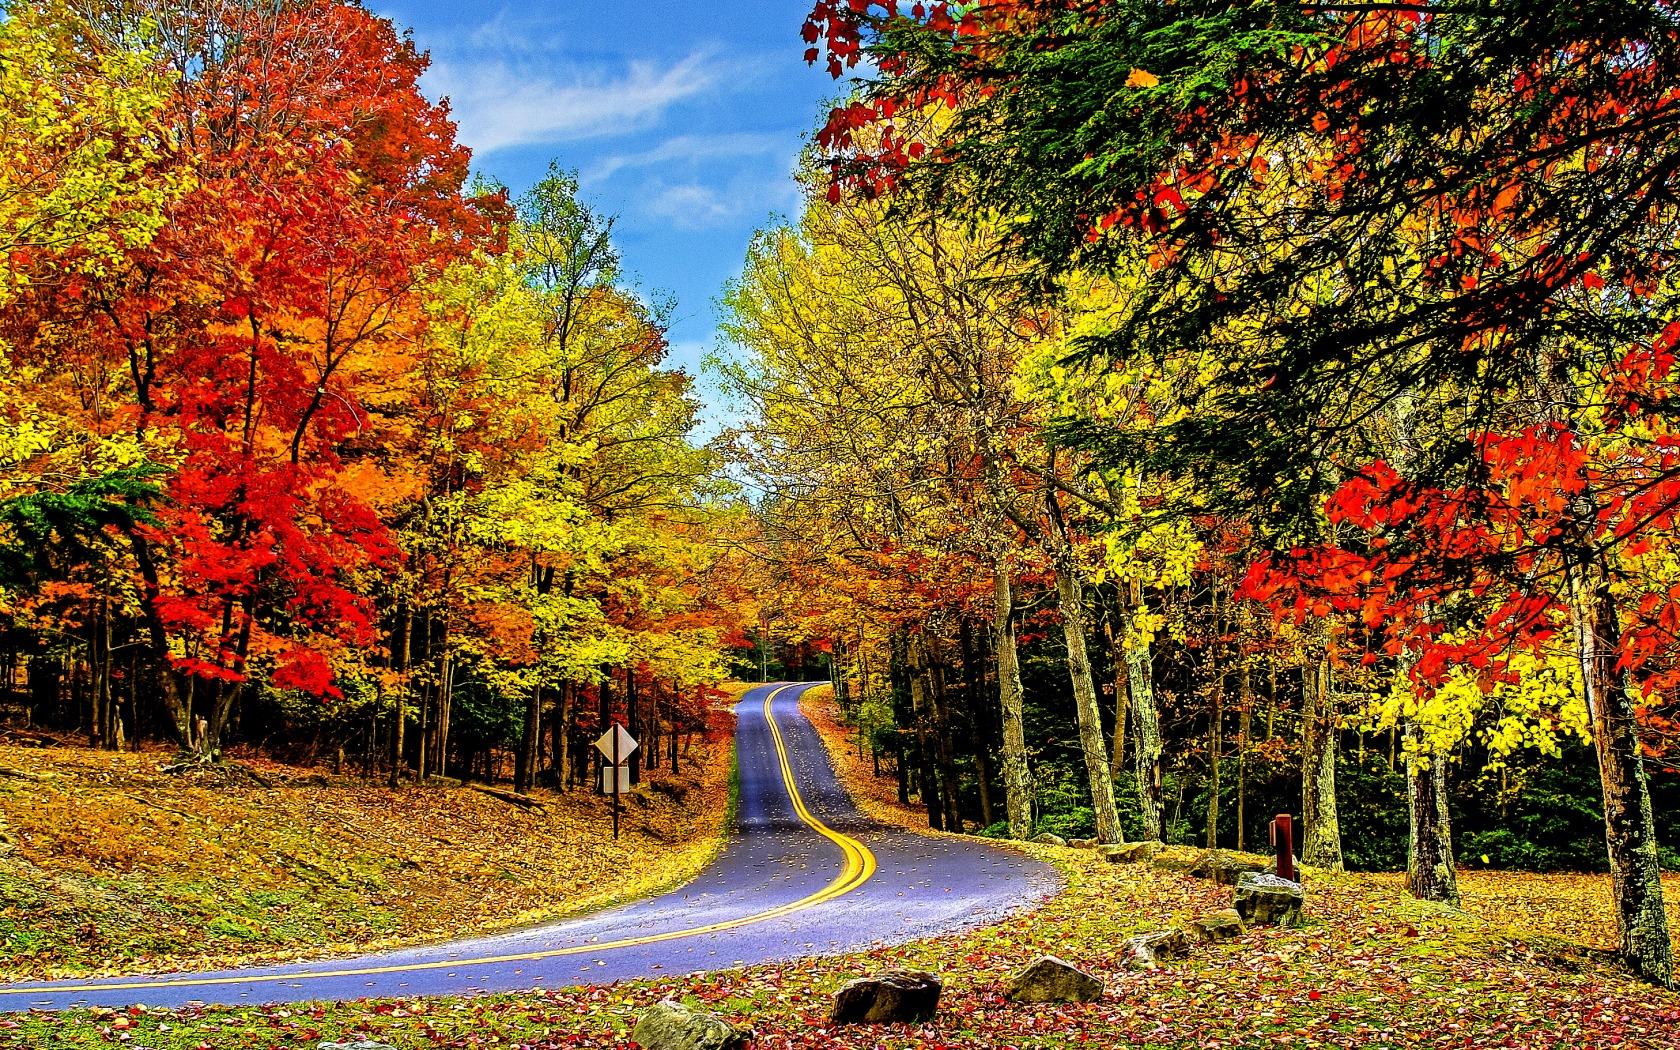 Sfondilandia immagini e wallpaper natura paesaggi e animali for Foto per desktop gratis autunno